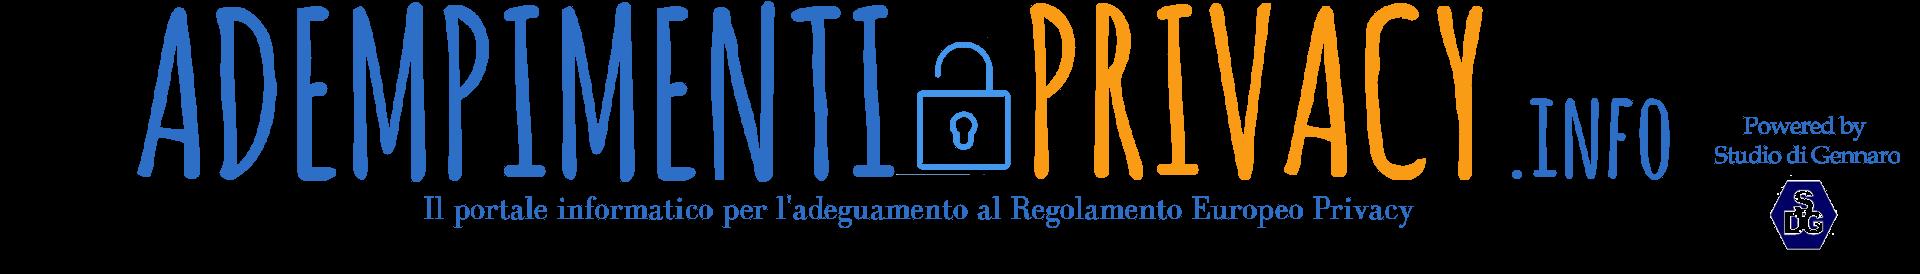 Adempimenti Privacy Logo